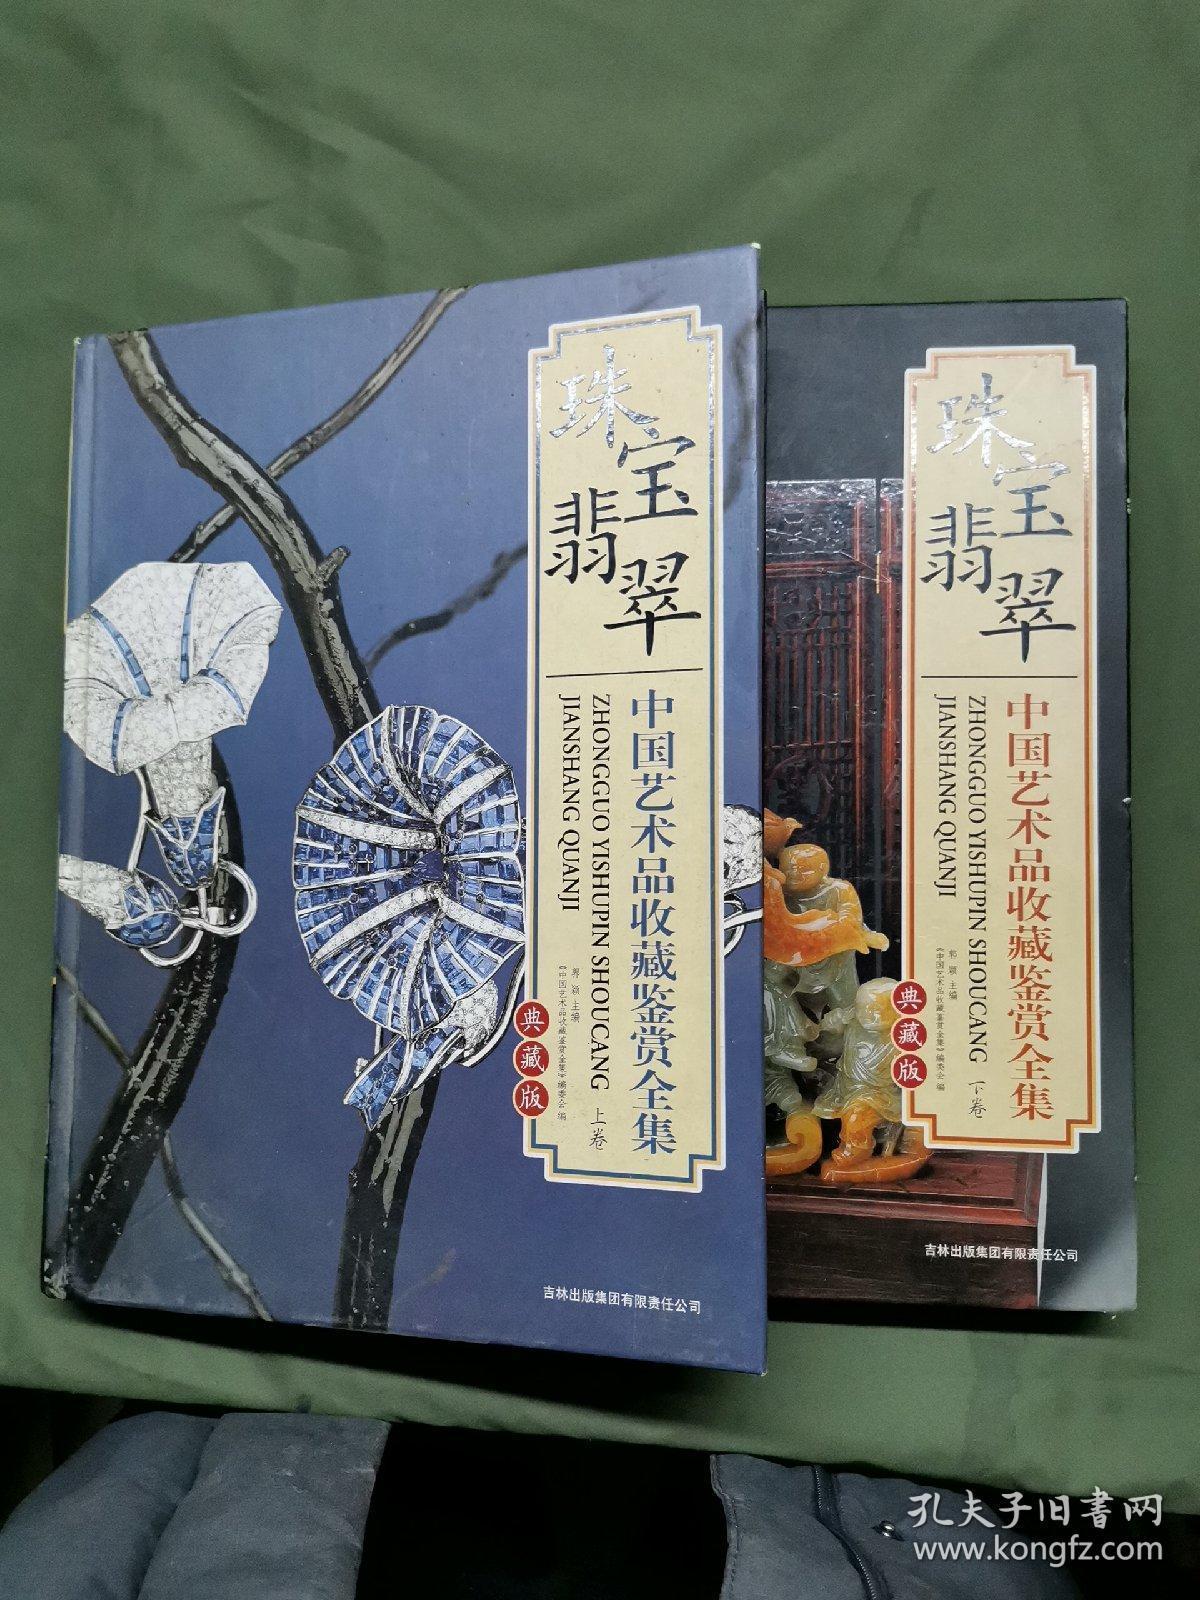 典藏版中国艺术品收藏鉴赏全集:典藏版 珠宝翡翠 上下